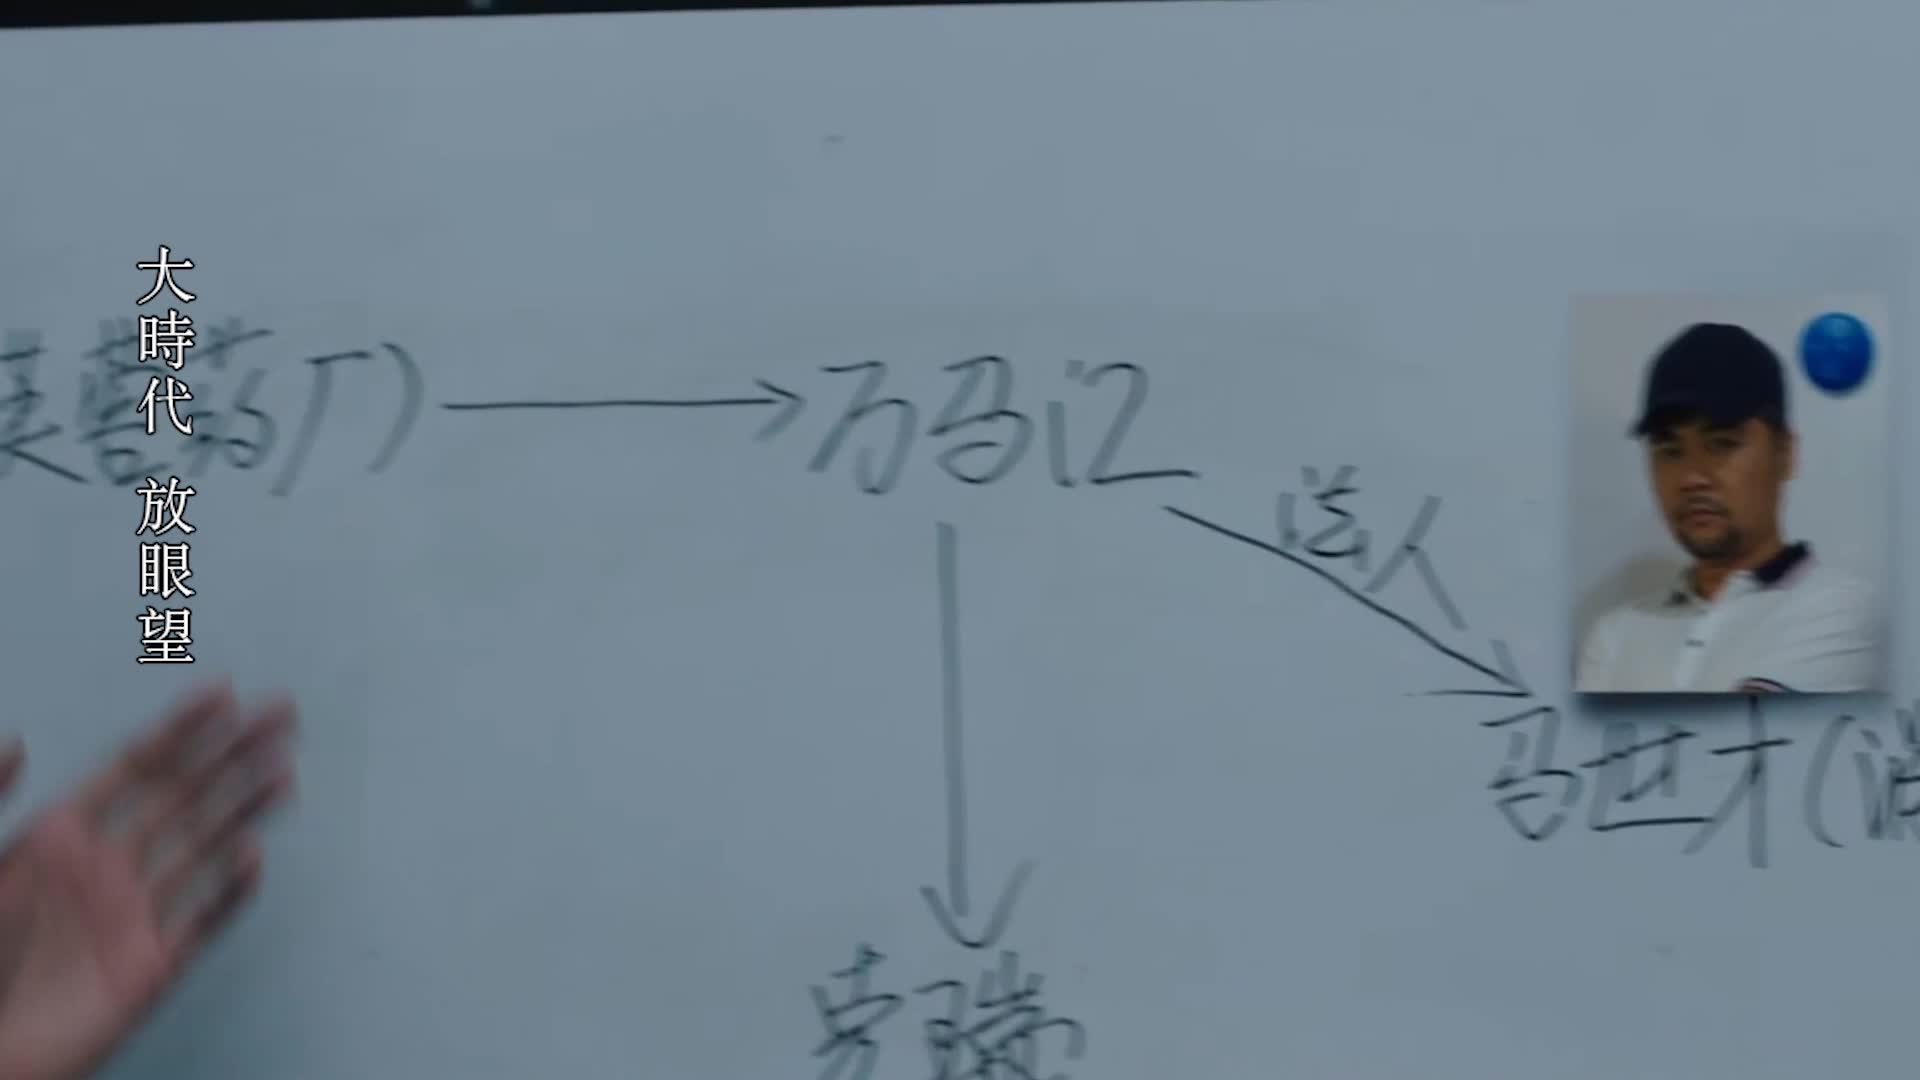 #追剧不能停#《猎狐》双王CP刑警群像:致敬捍卫正义的执法人